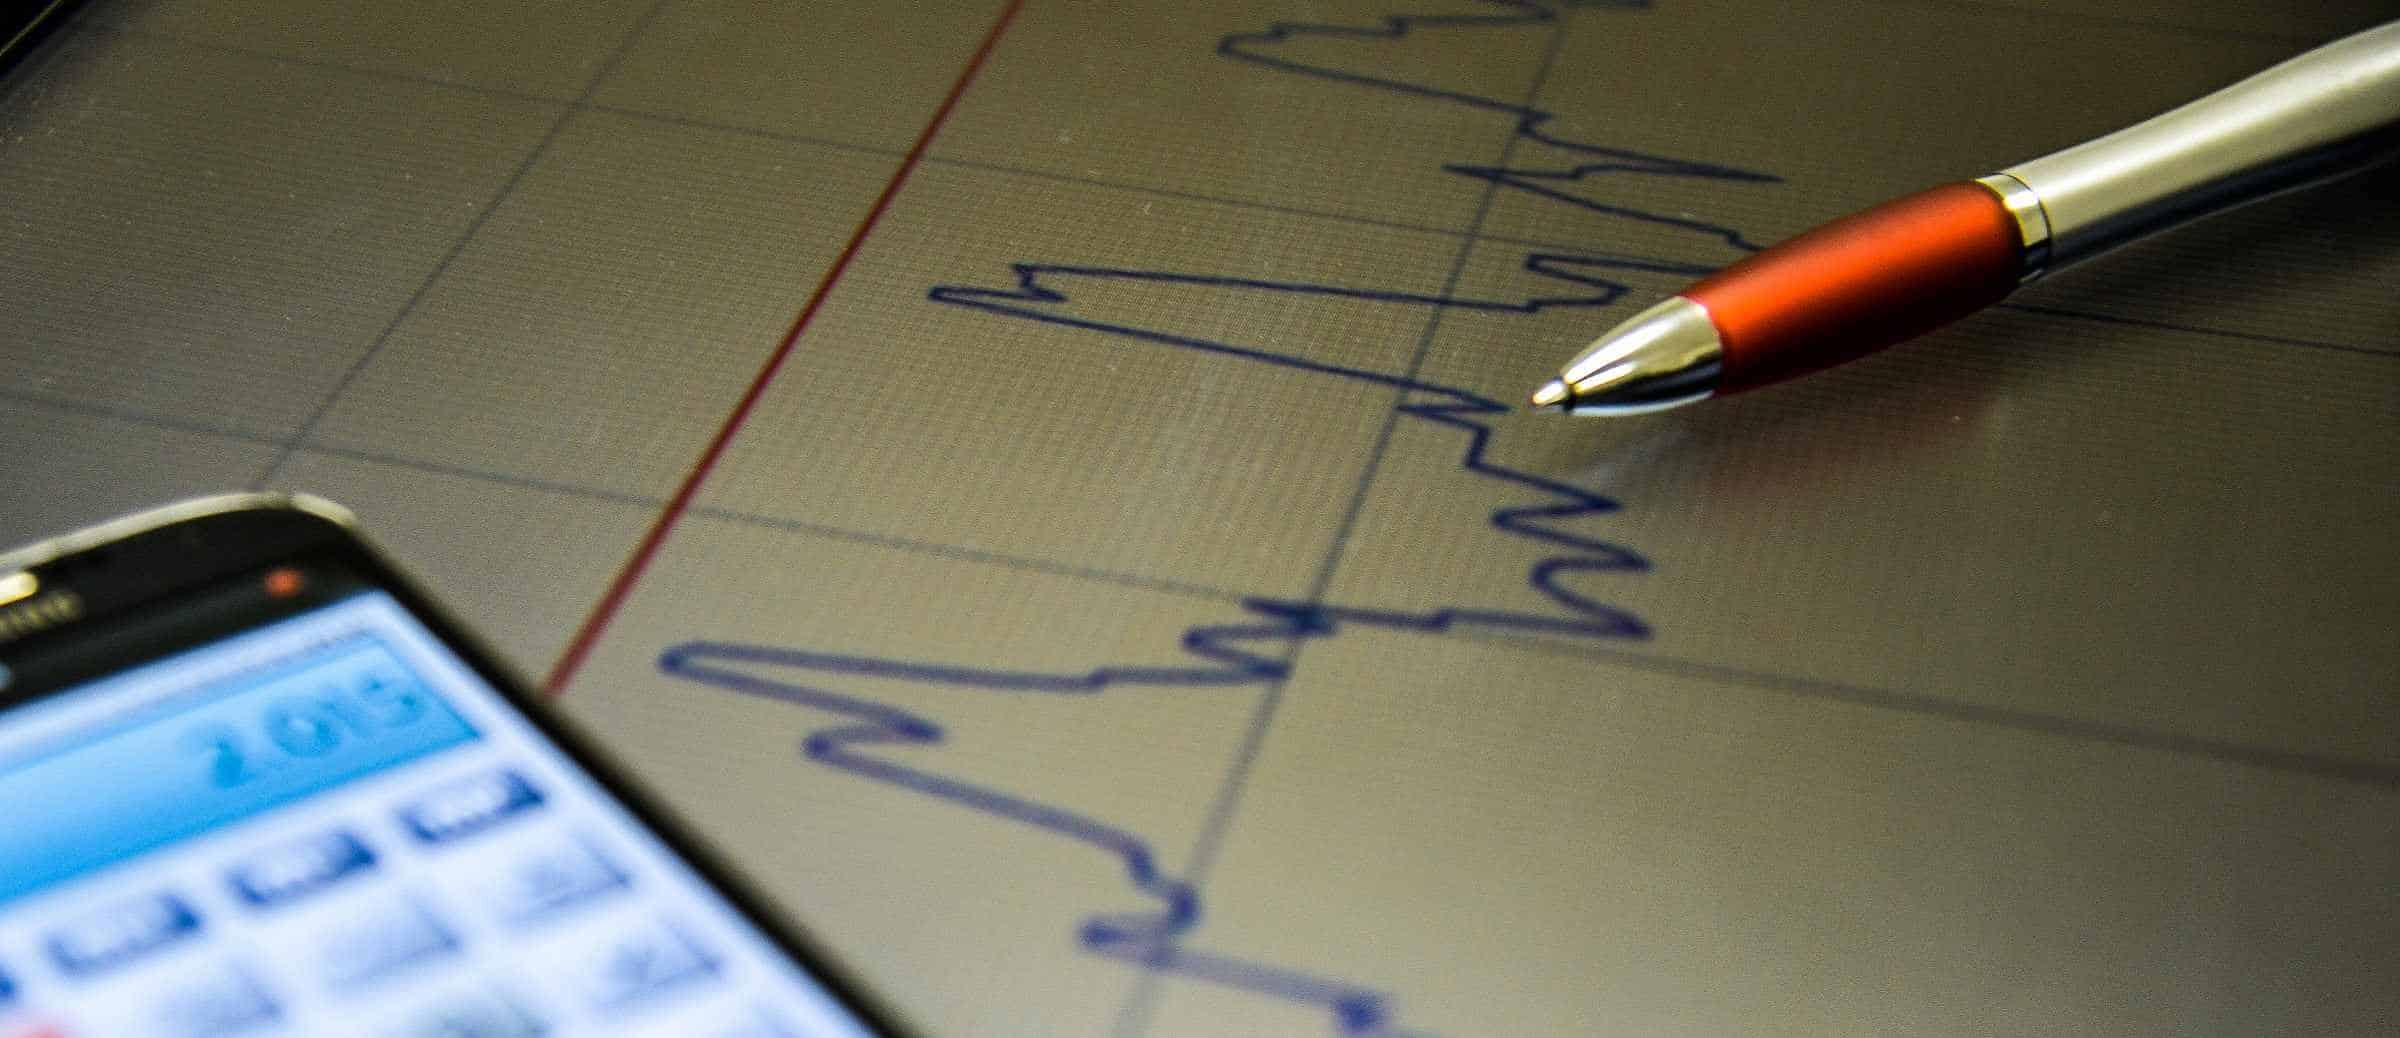 Como a taxa de juros afeta seus investimentos?